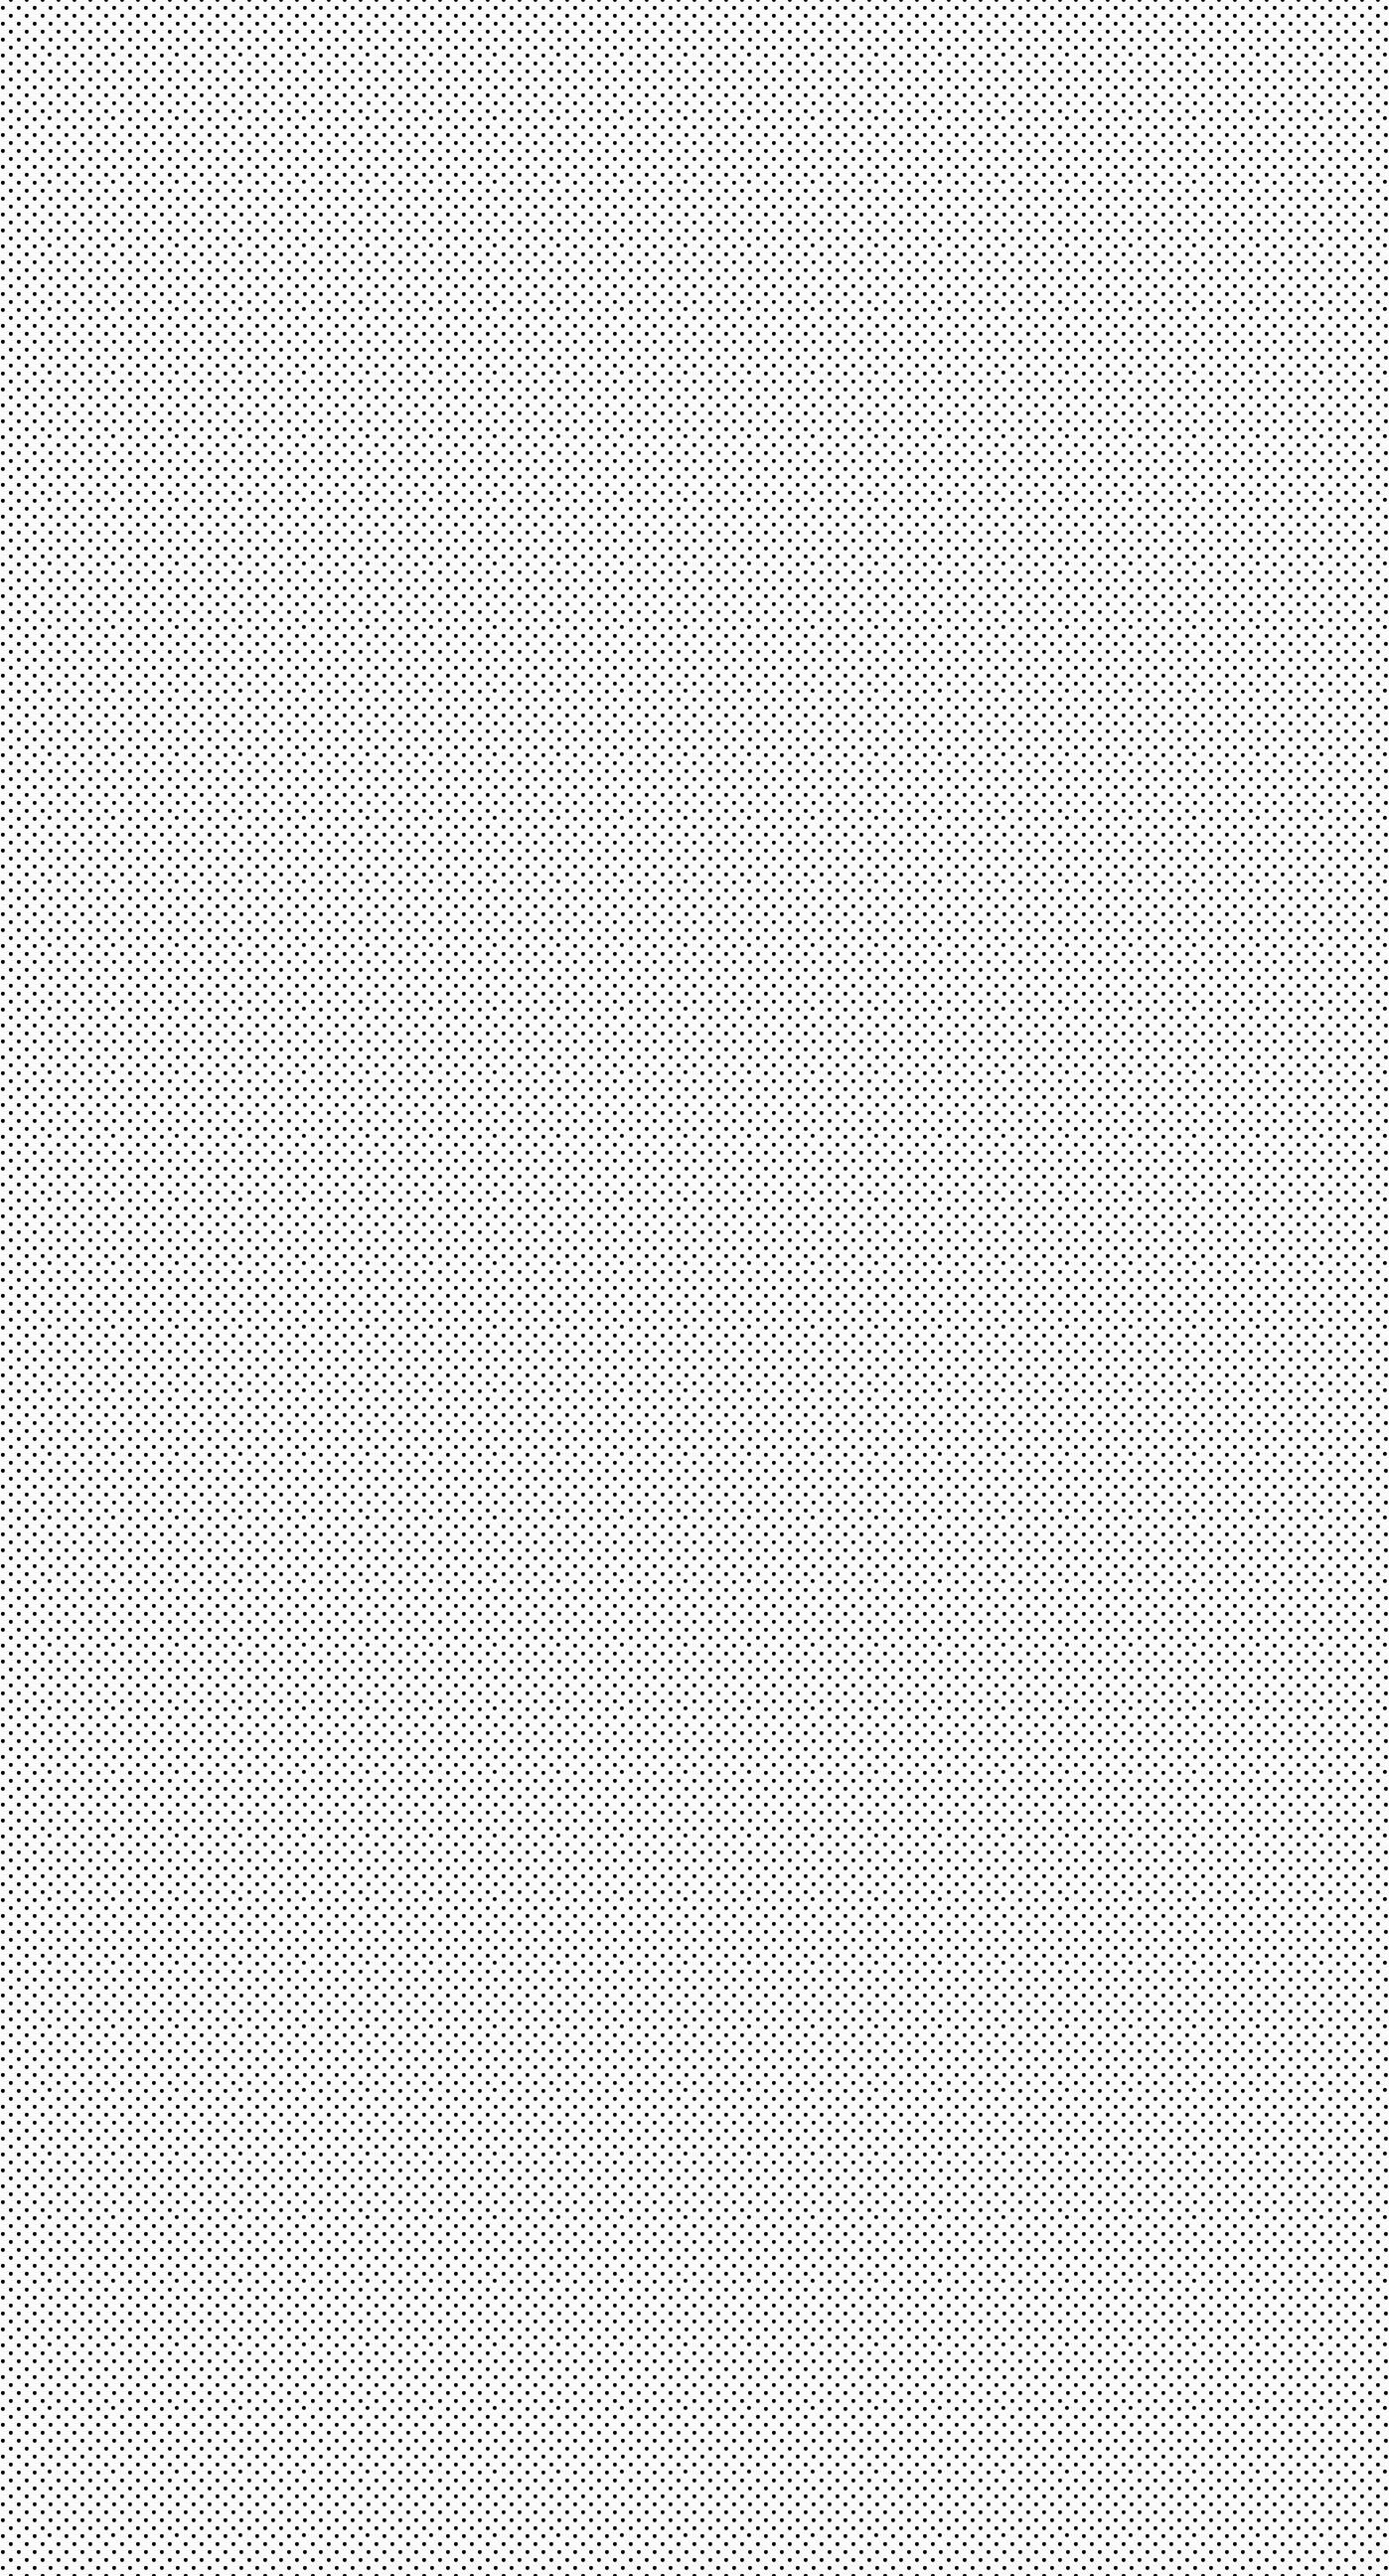 模様ドット白黒 Wallpaper Sc Iphone8plus壁紙